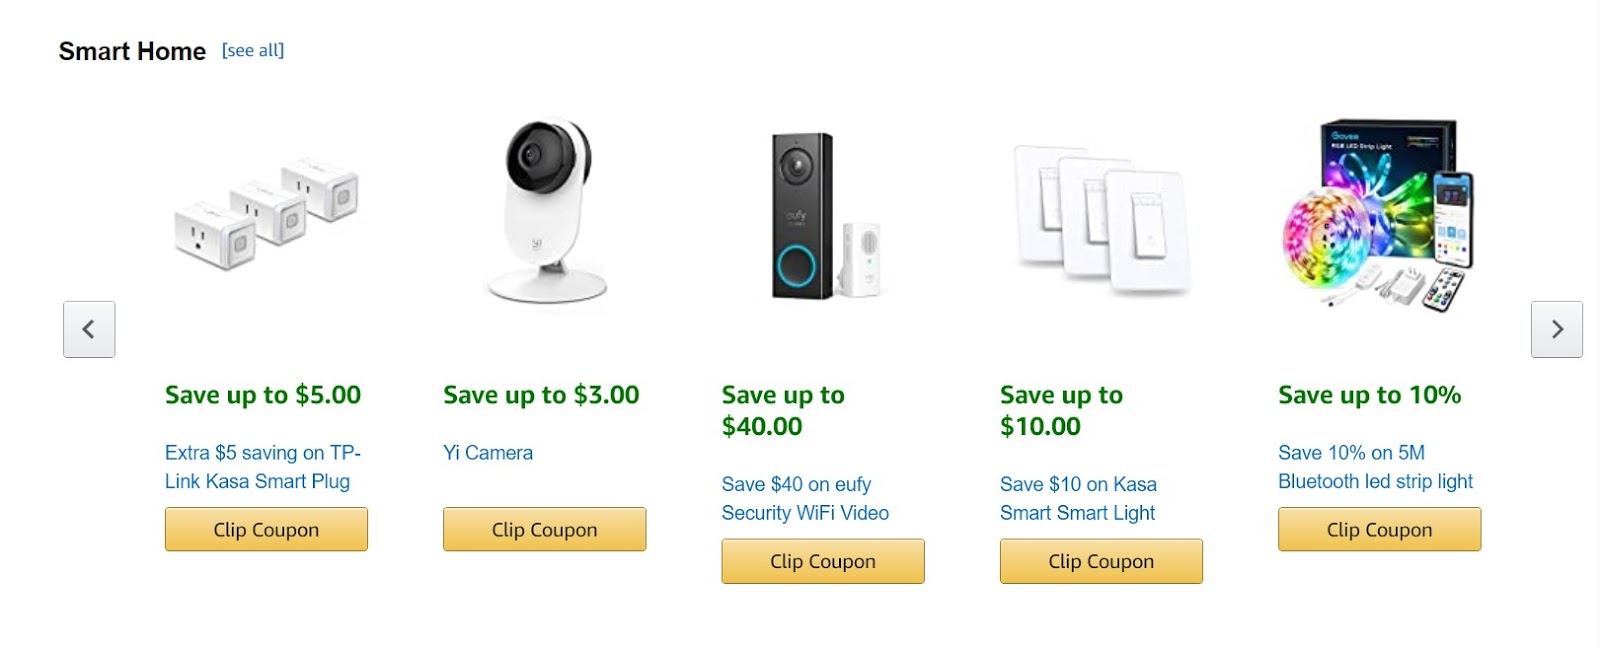 Купоны Amazon можно посмотреть прямо у них на сайте, где они поделены по категориям